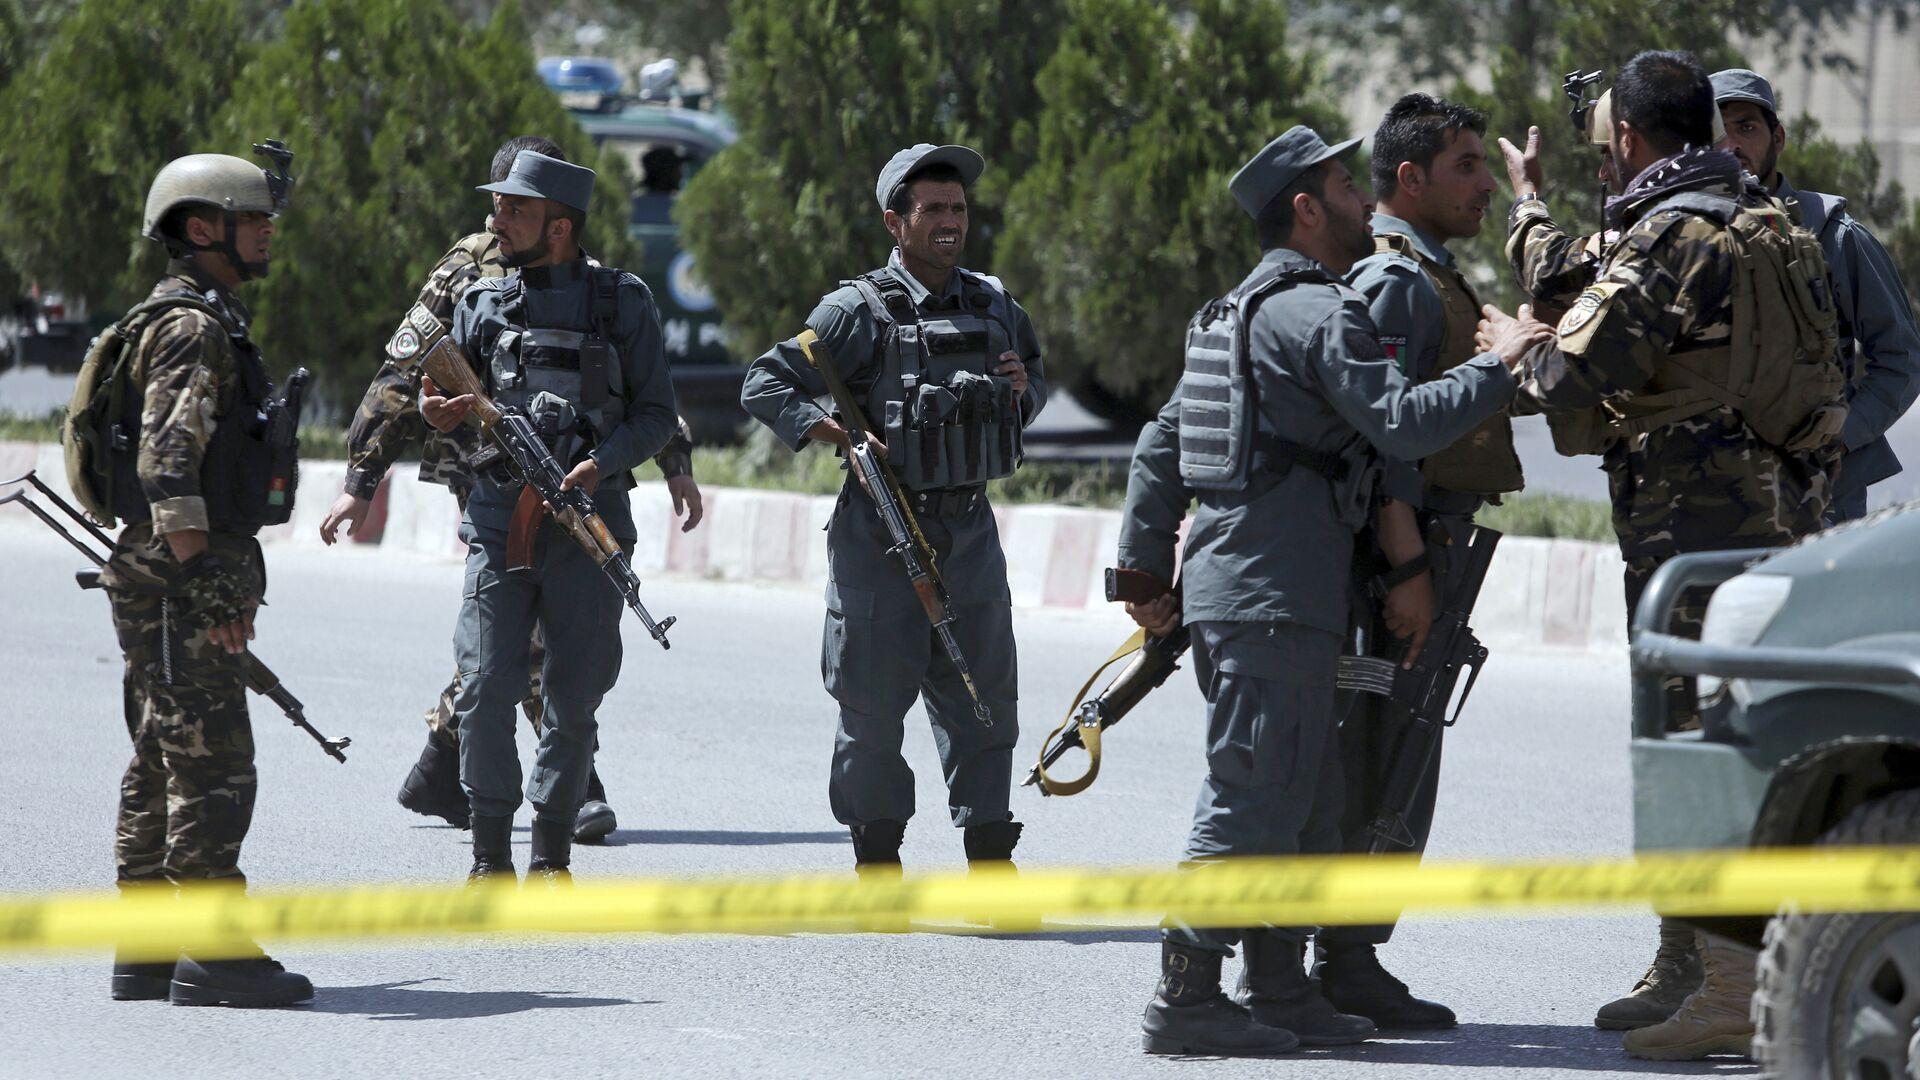 Сотрудники правоохранительных органов возле здания МВД Афганистана в Кабуле. 30 мая 2018 - РИА Новости, 1920, 12.06.2021